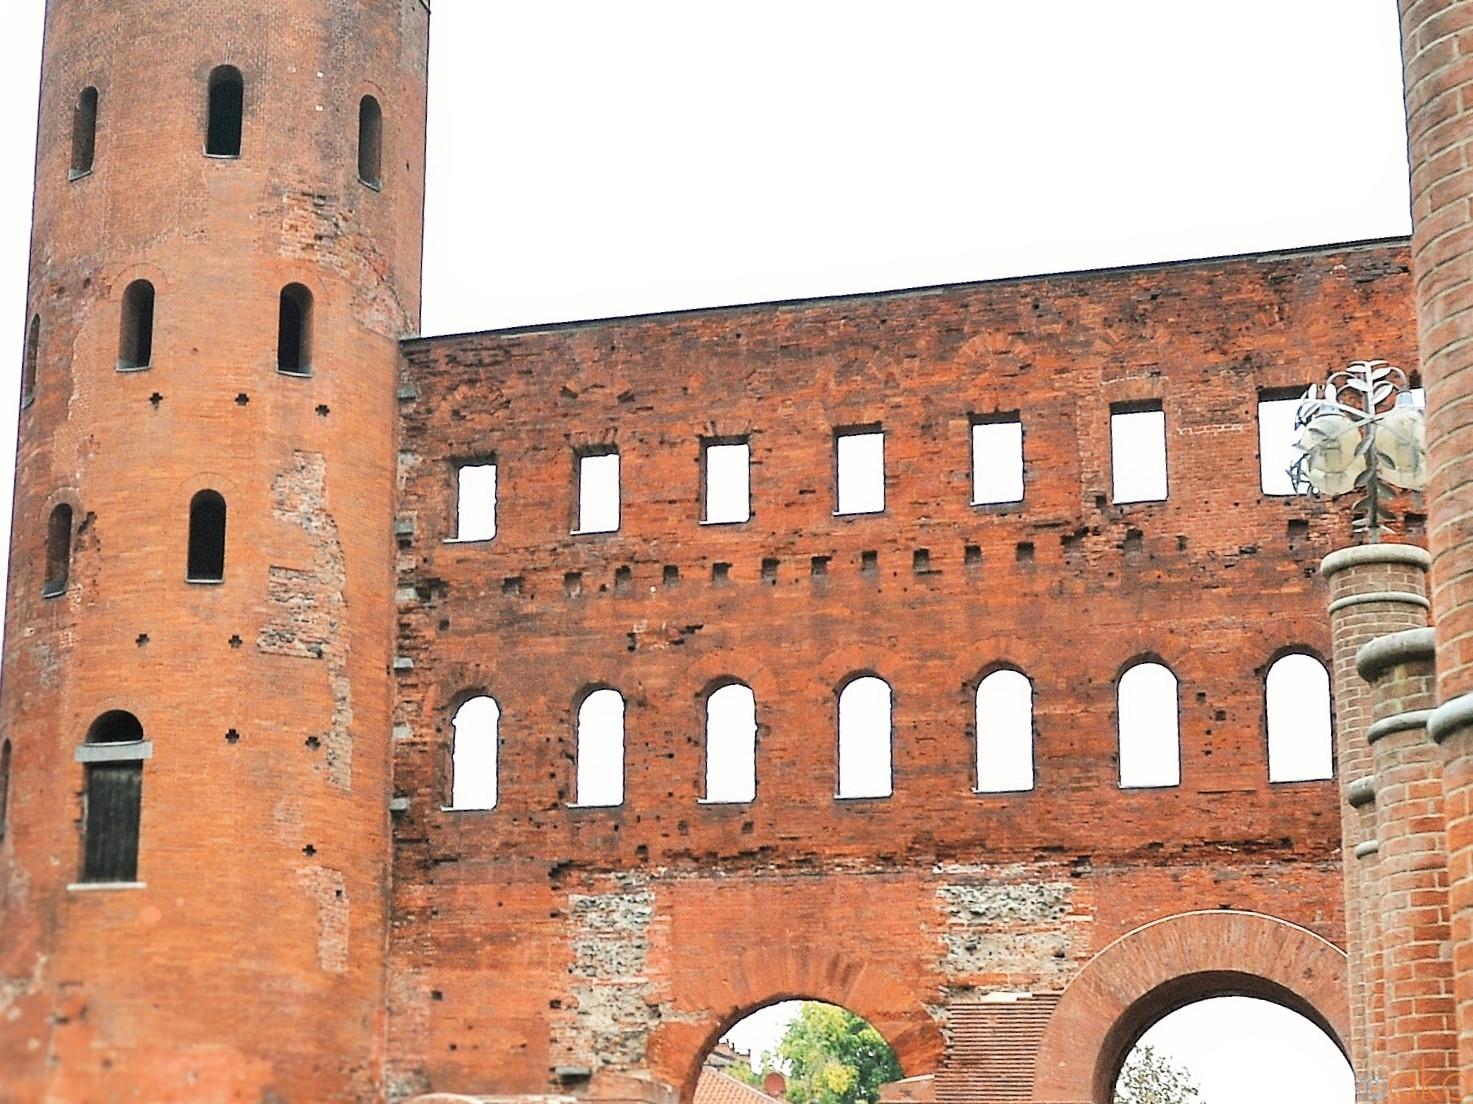 トリノにある古代ローマの息吹「パラティーナ門」をご案内します♪   イタリア観光ガイド